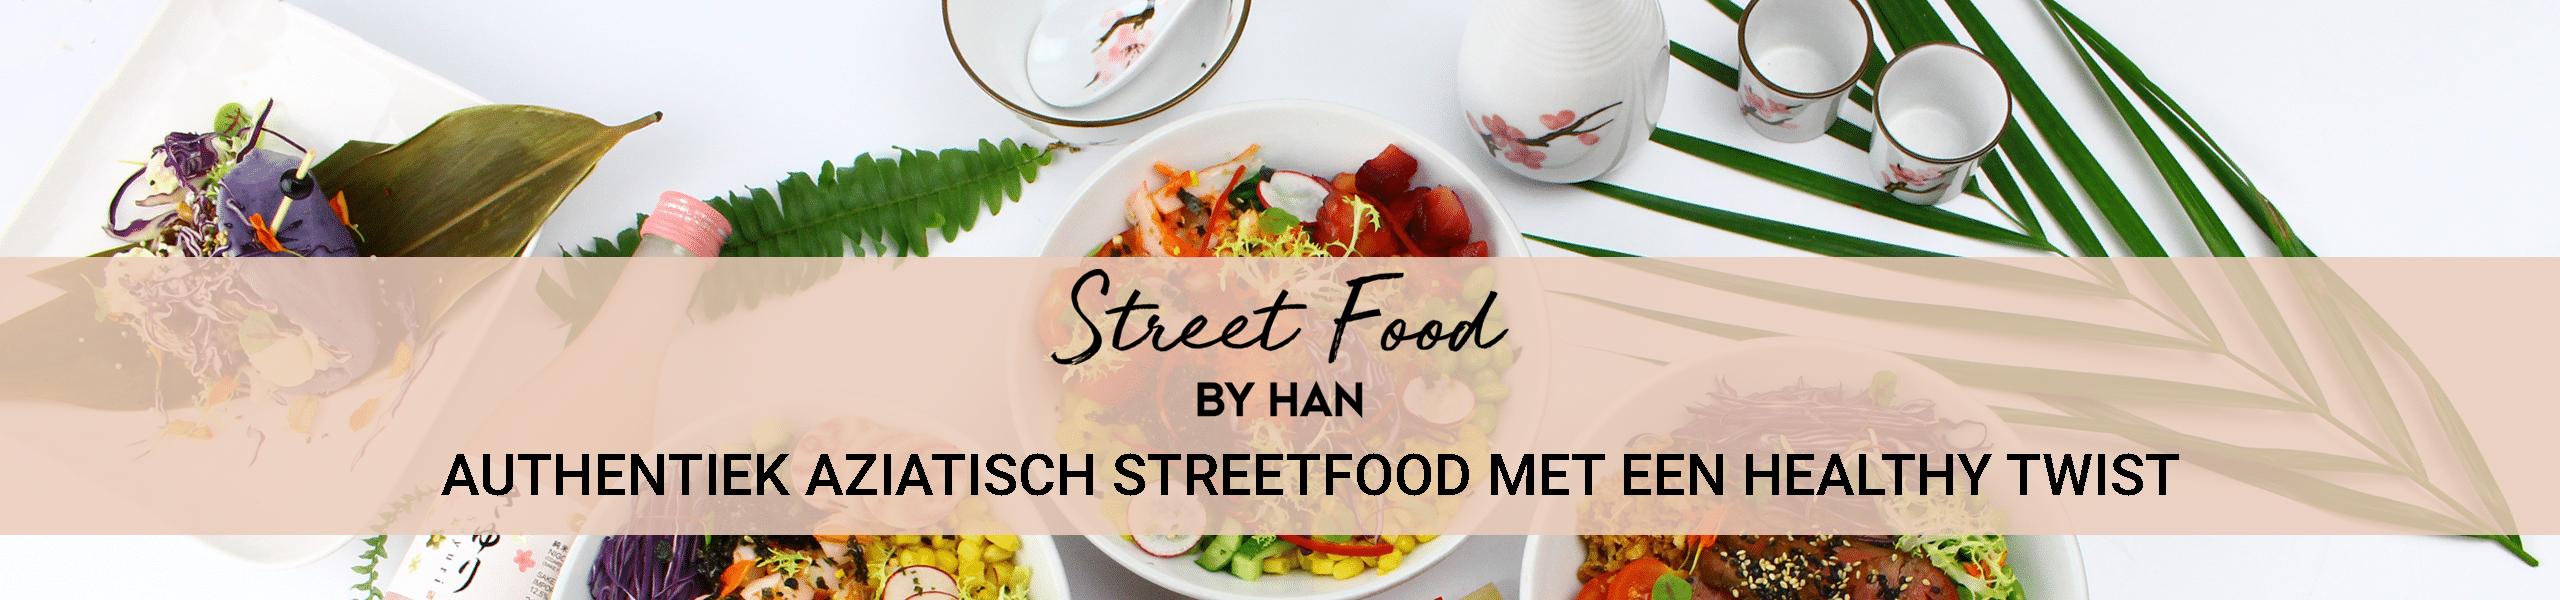 Header streetfood